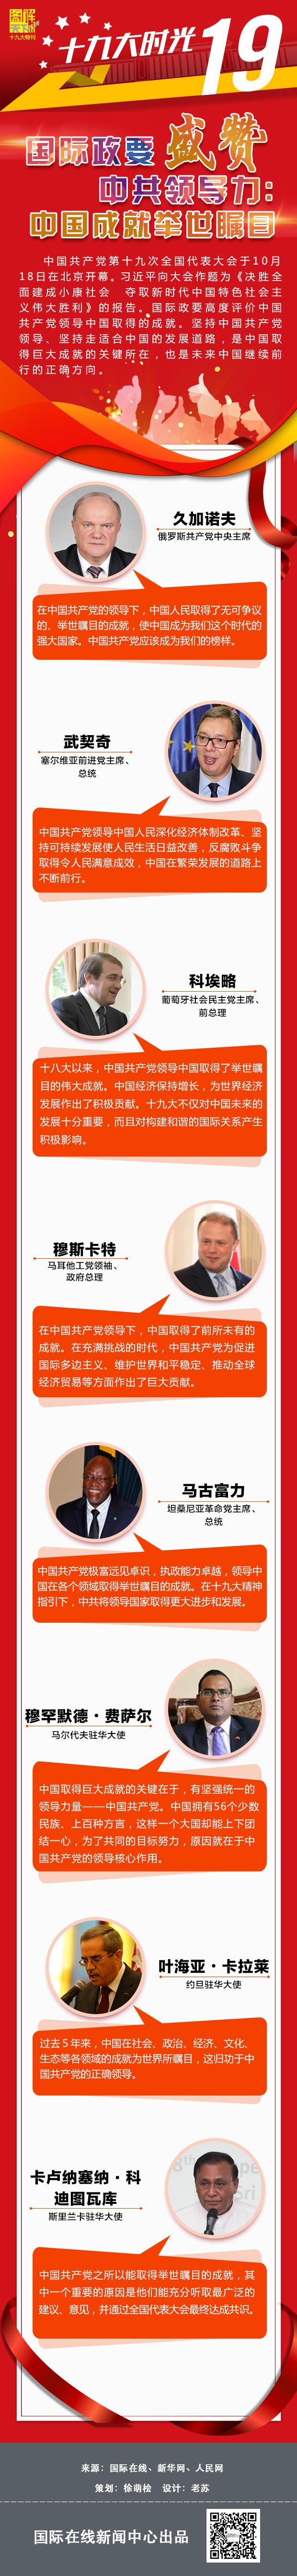 【十九大时光】国际政要盛赞中共领导力:中国成就举世瞩目